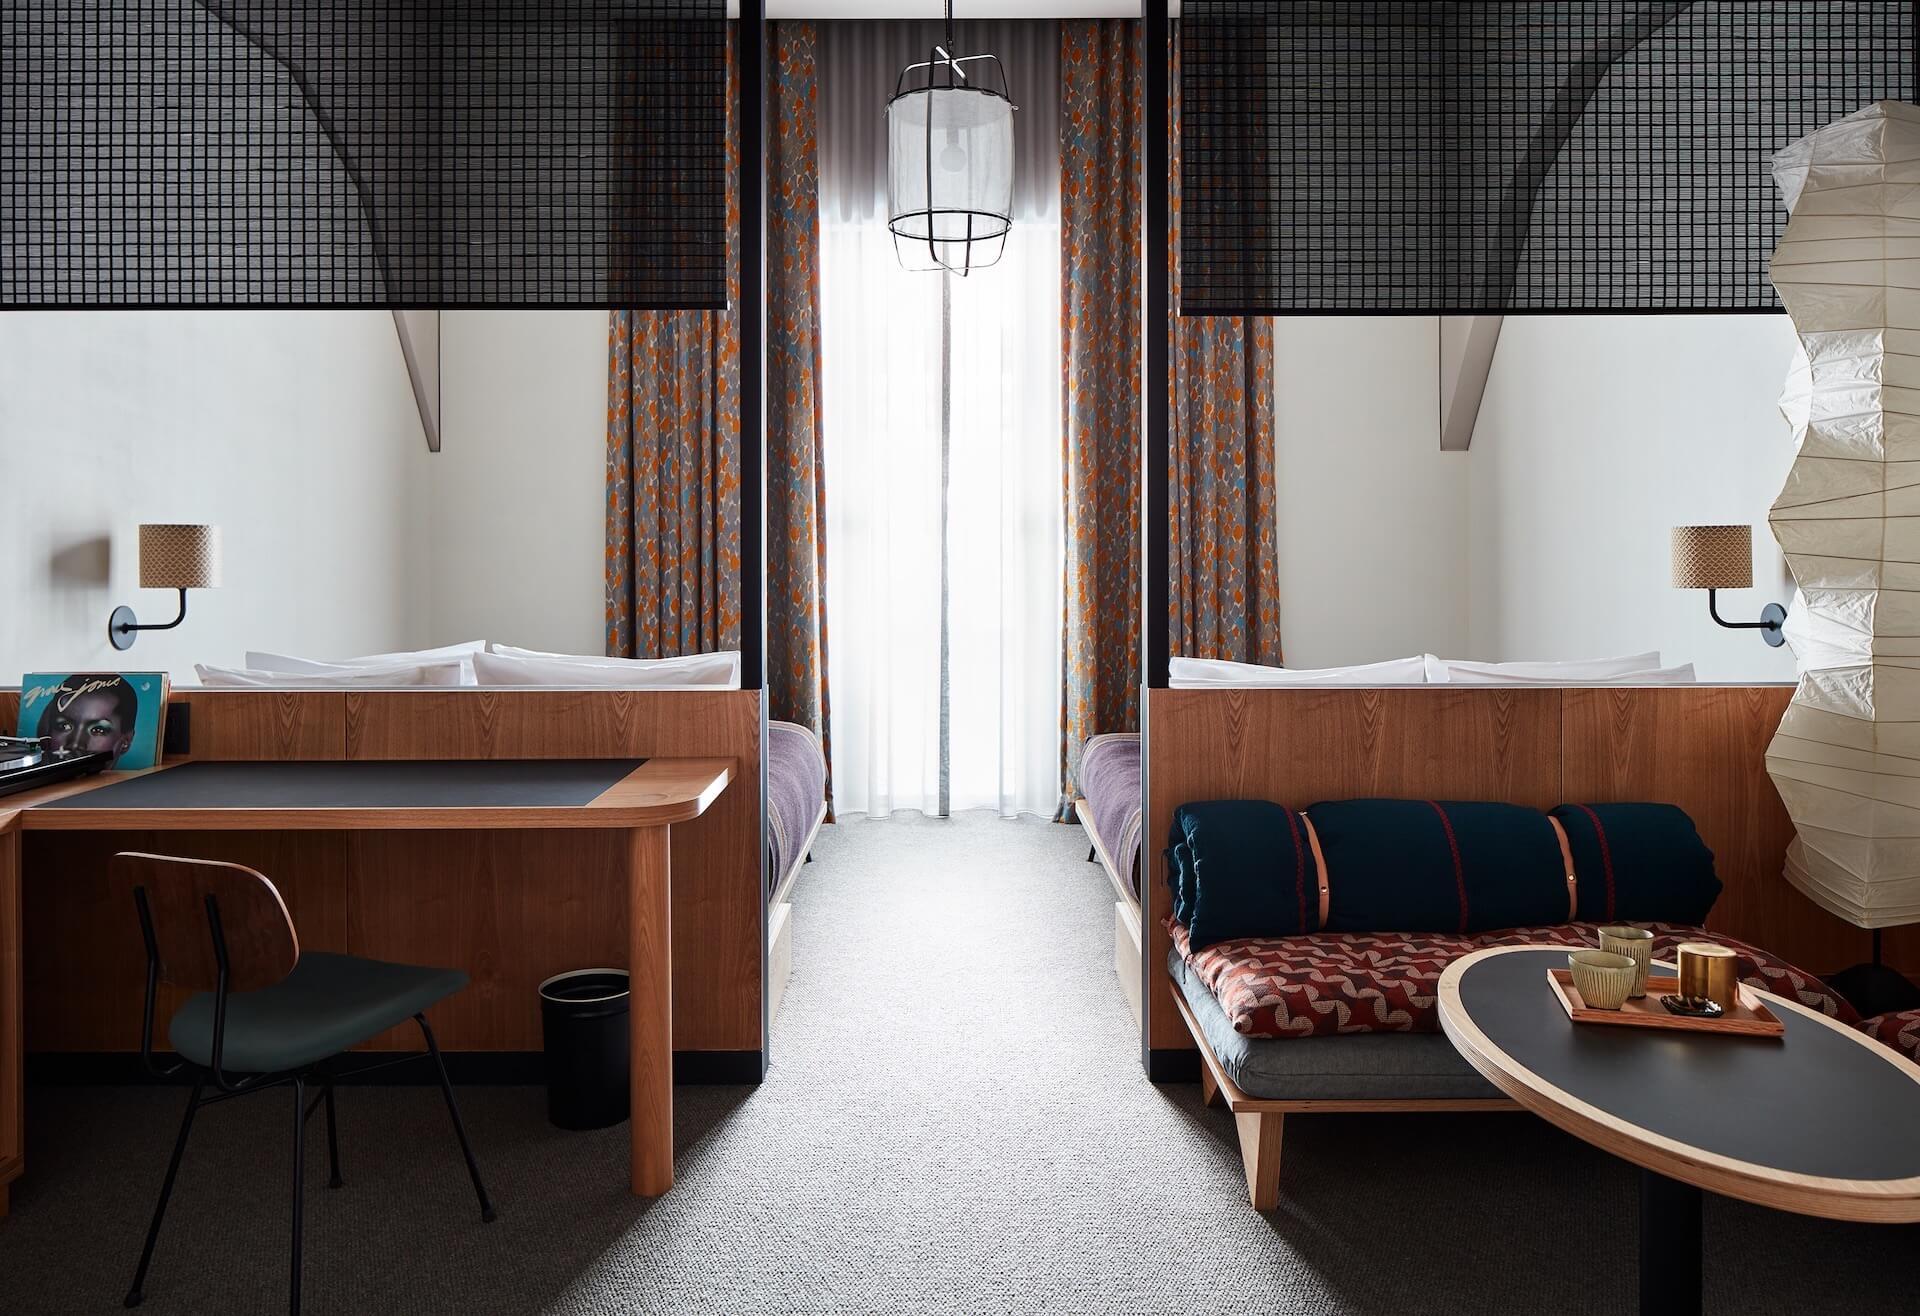 エースホテル京都の開業日が4月16日に決定!隈研吾とコミューンデザインが手掛けた新風館内にオープン lf200128_acehotelkyoto_01